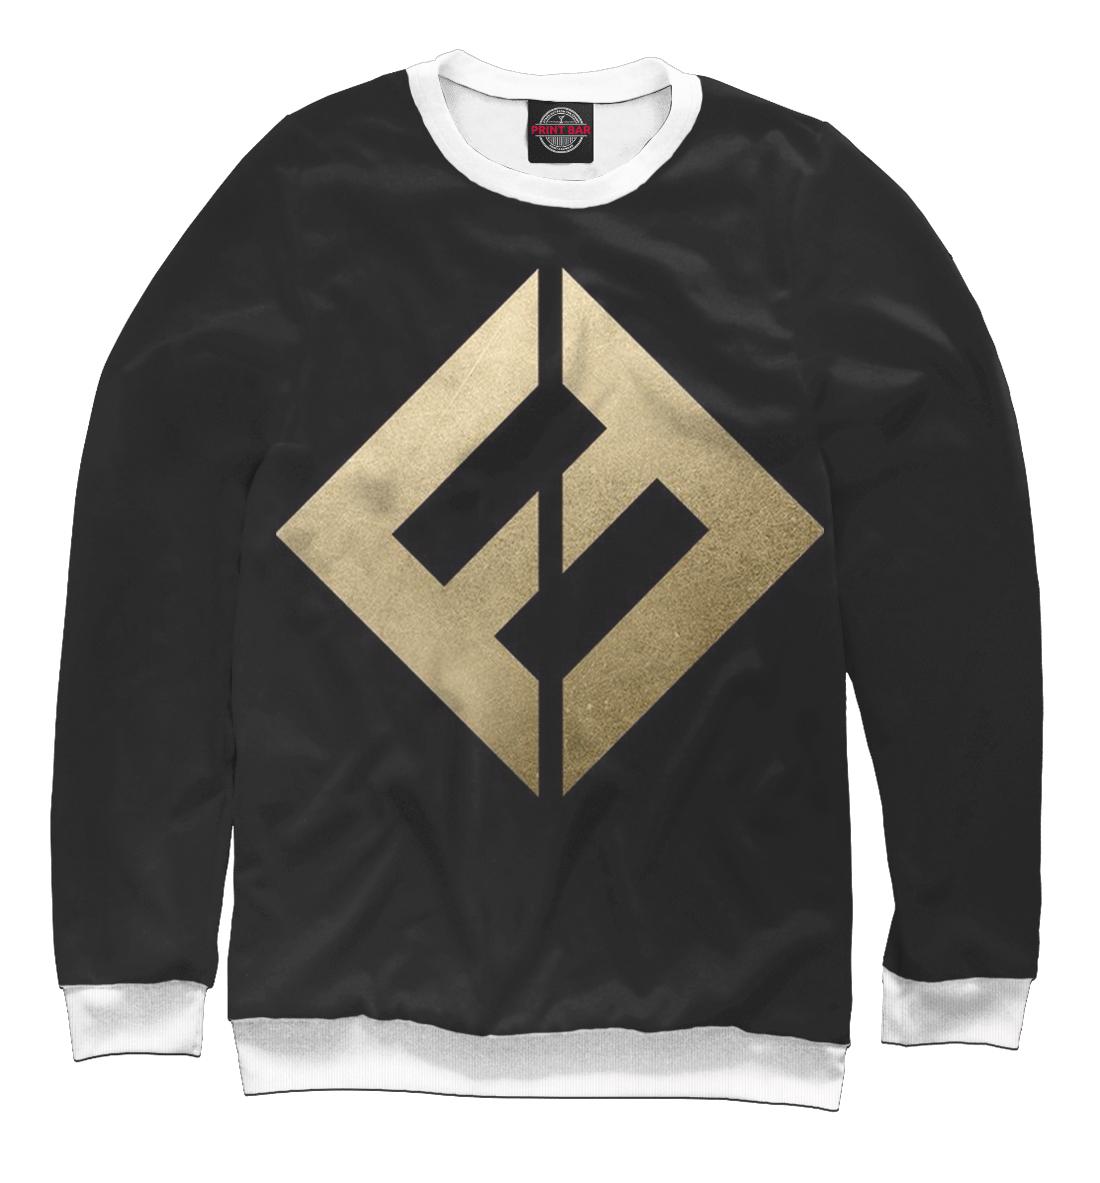 Купить Foo Fighters Concrete And Gold, Printbar, Свитшоты, MZK-555269-swi-2